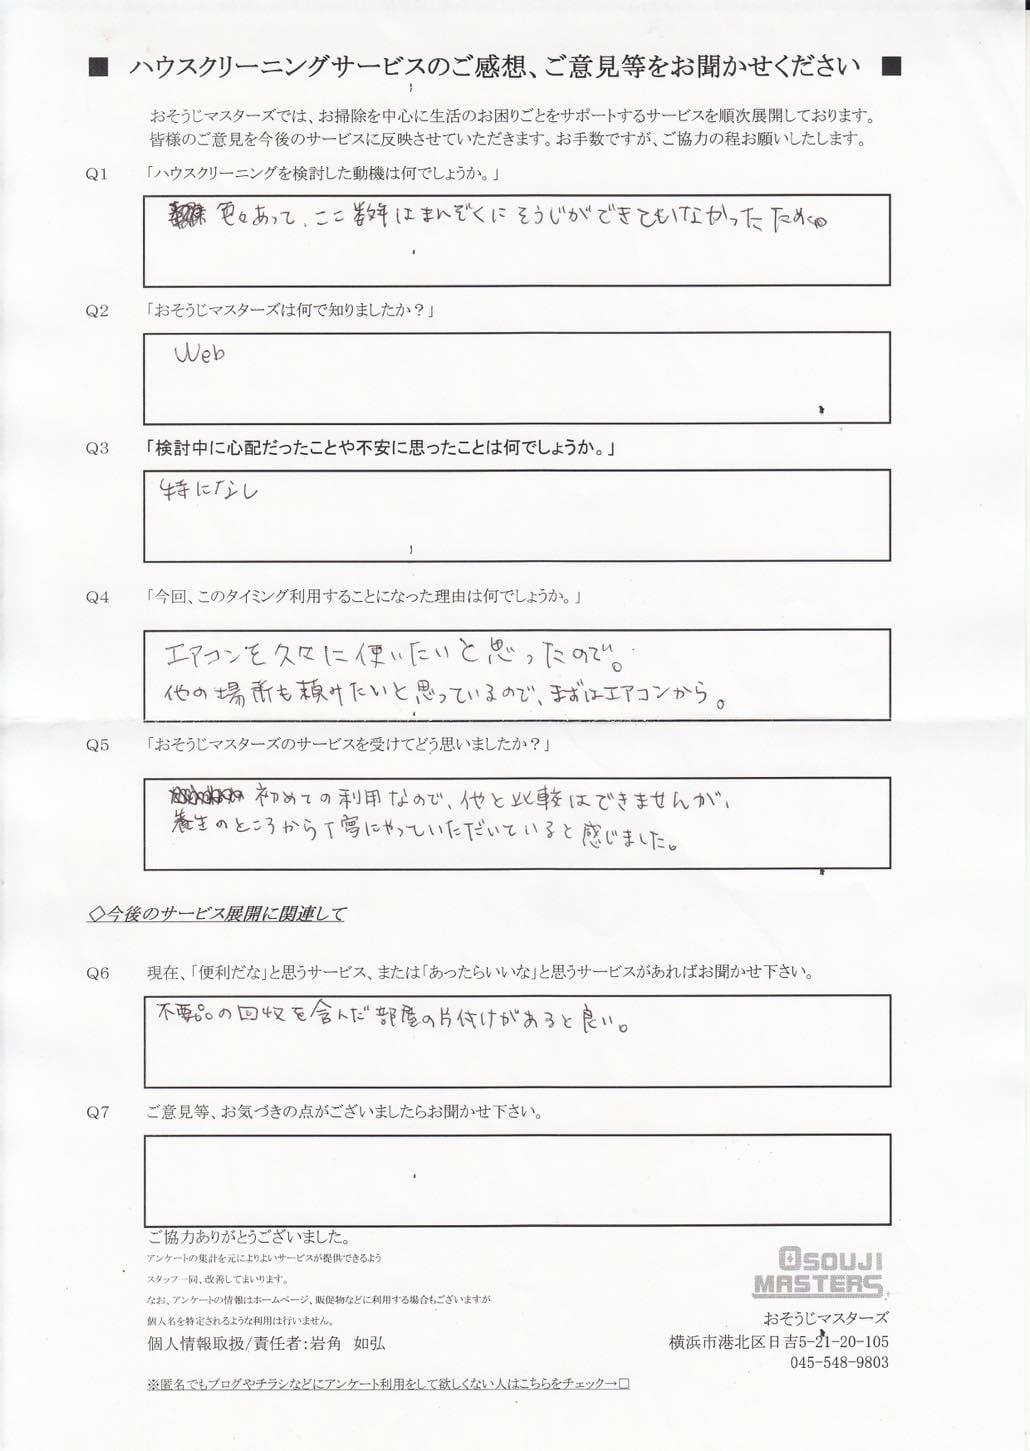 2015/07/11 エアコンクリーニング 【横浜市神奈川区】